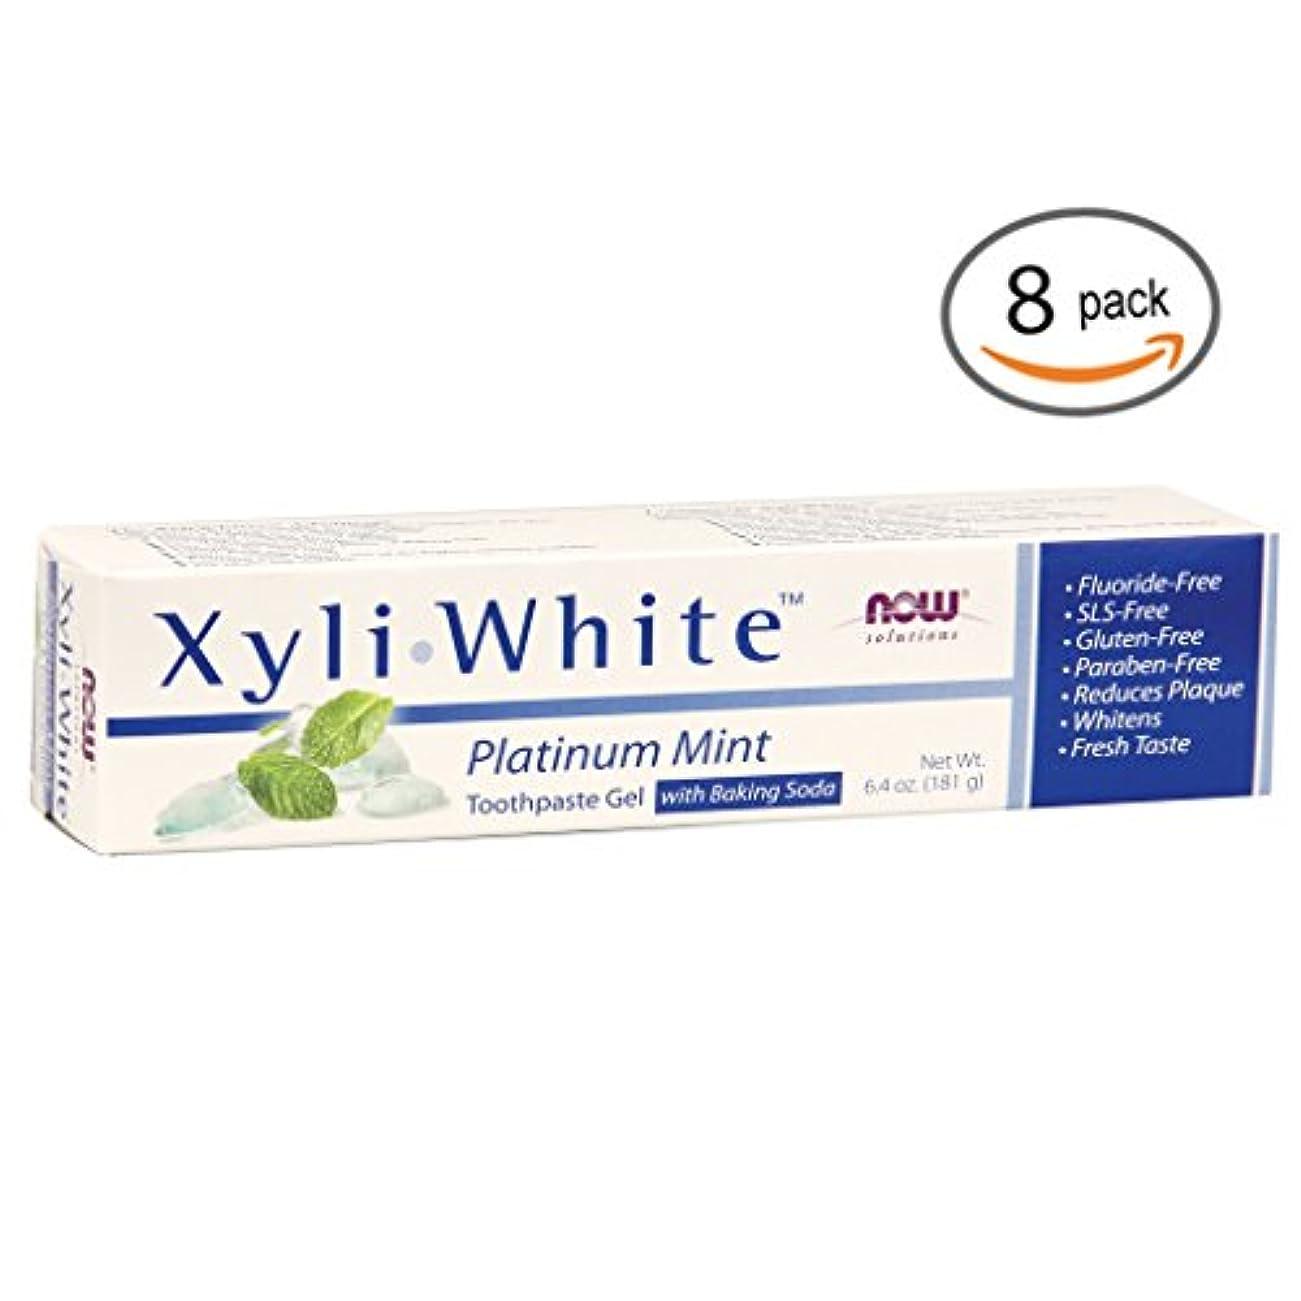 ミリメーター速い厚さキシリホワイト 歯磨き粉  プラチナミント+ベーキングソーダ 182g 2個パック